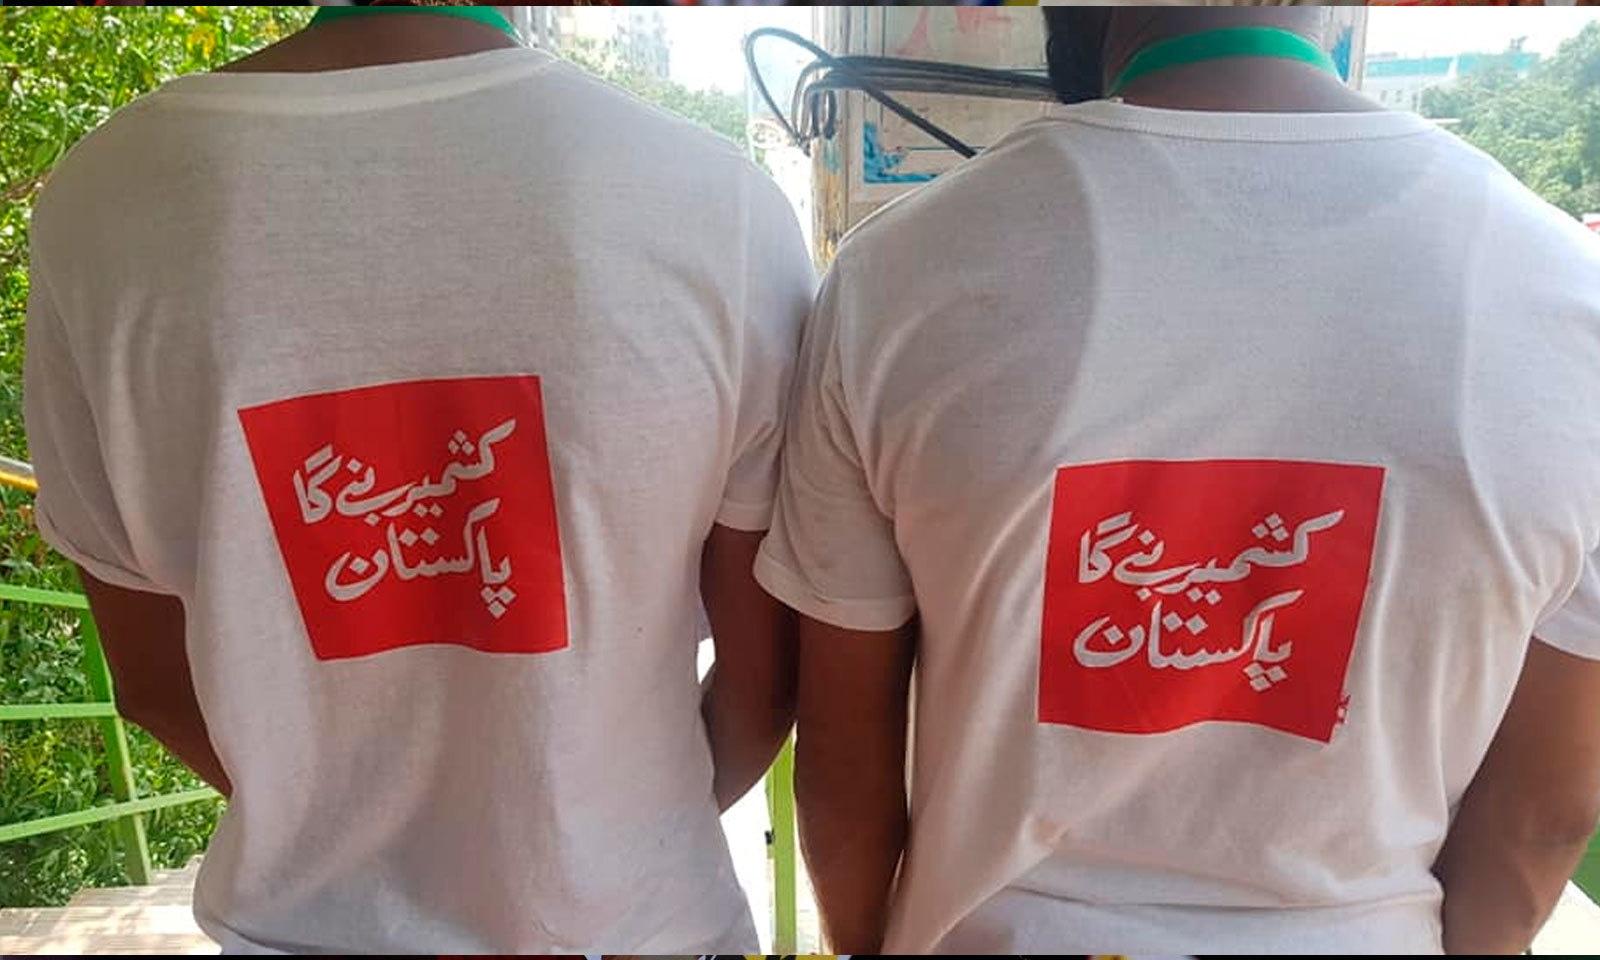 شہر کراچی میں بھارتی مظالم کے خلاف آواز اٹھائی گئی — فوٹو: جماعت اسلامی فیس بک آفیشل